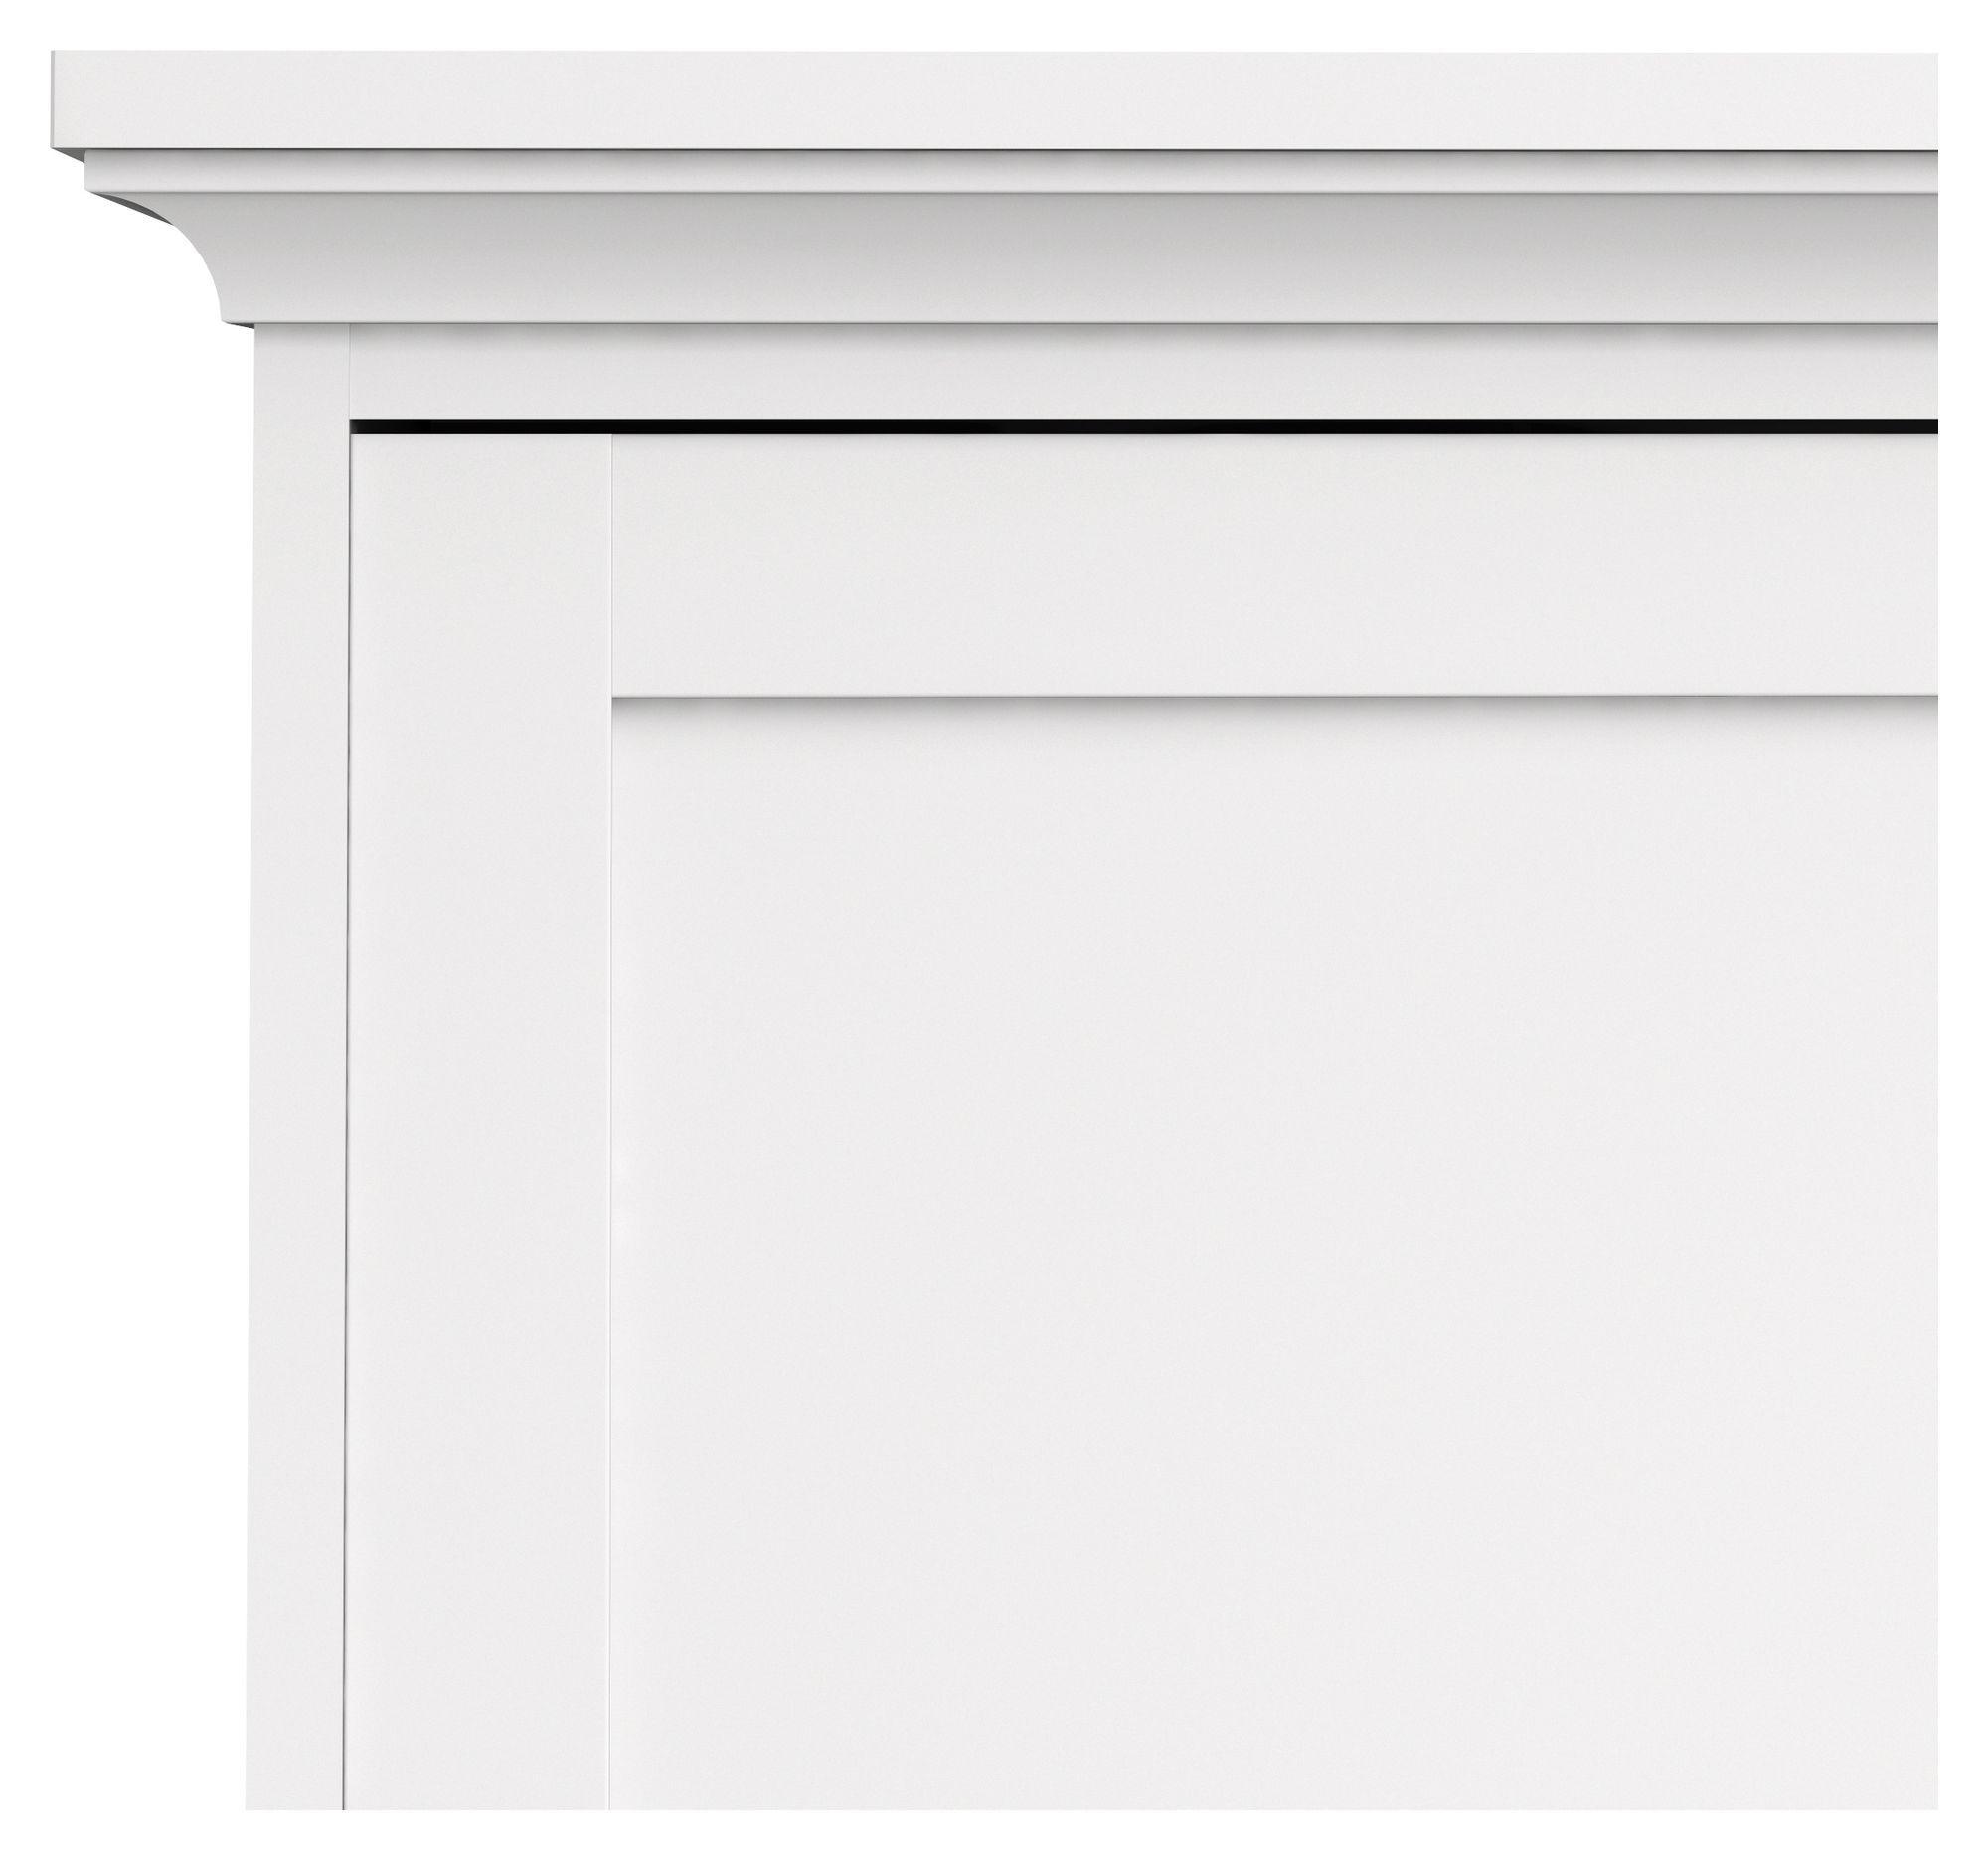 Paris Garderobeskab - Hvid B:138 - Garderobeskab med 3 låger i hvid